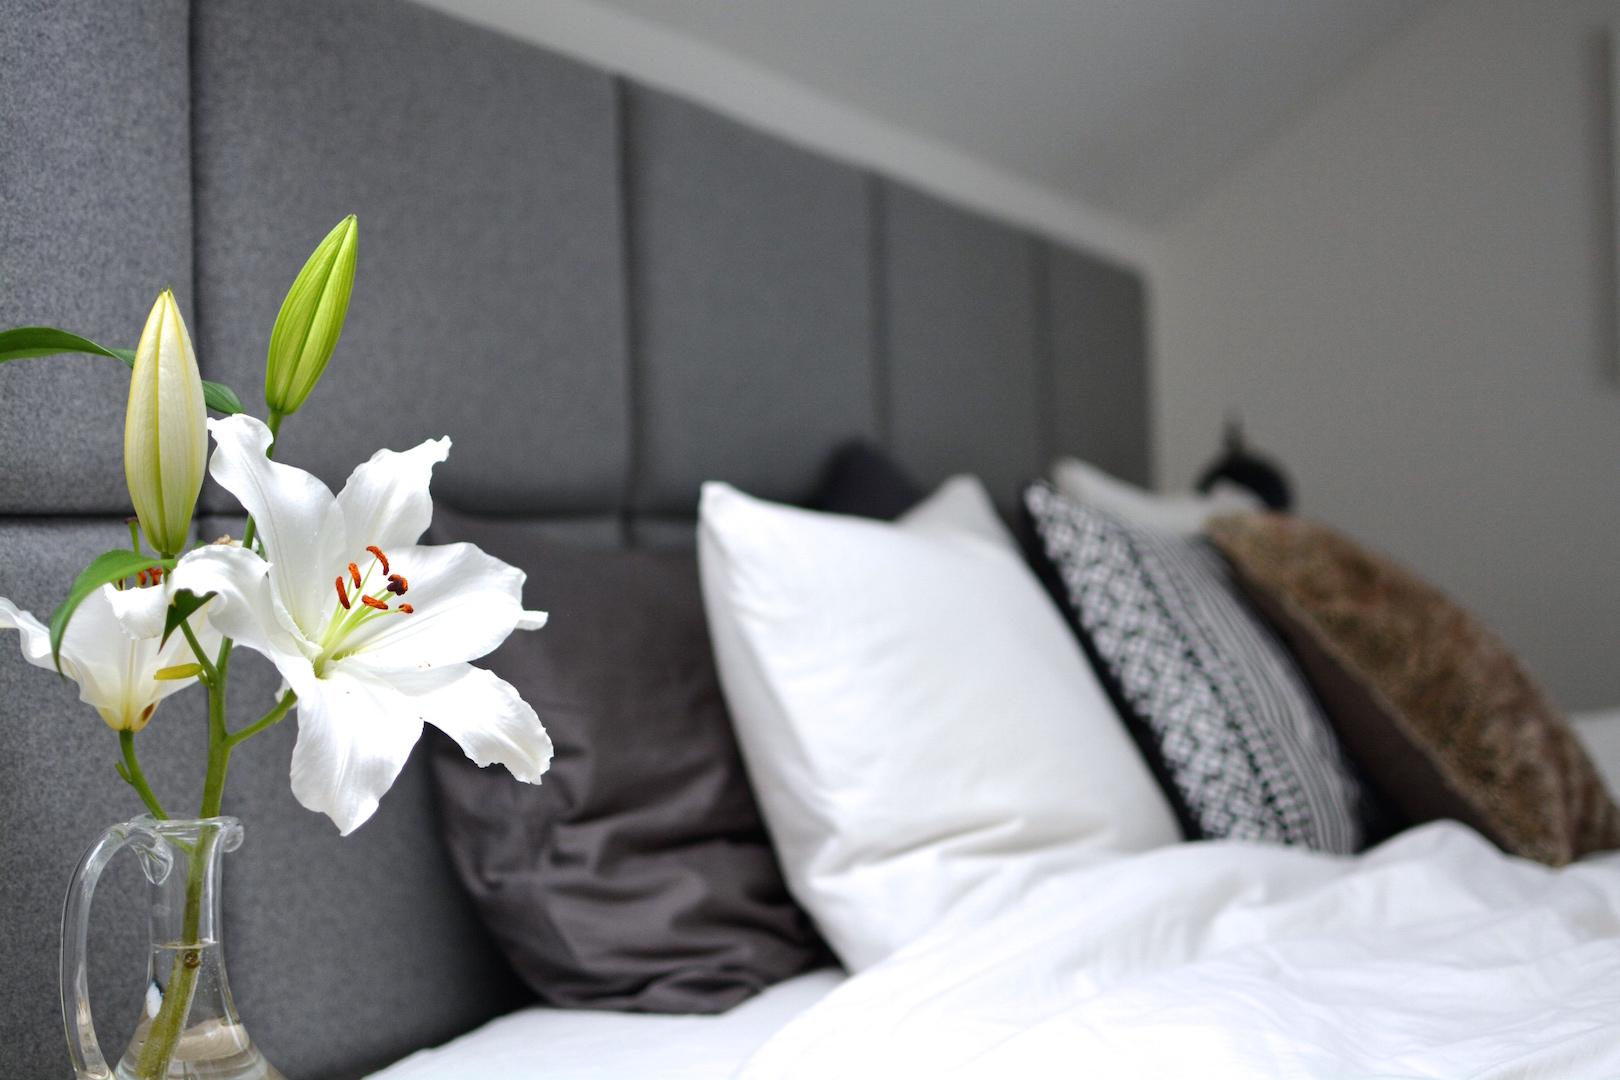 made for bed, zagłówek modułowy, współpraca z made for bed blog.stabrawa.pl, zagłówek, moduły ścienne, panele ścienne